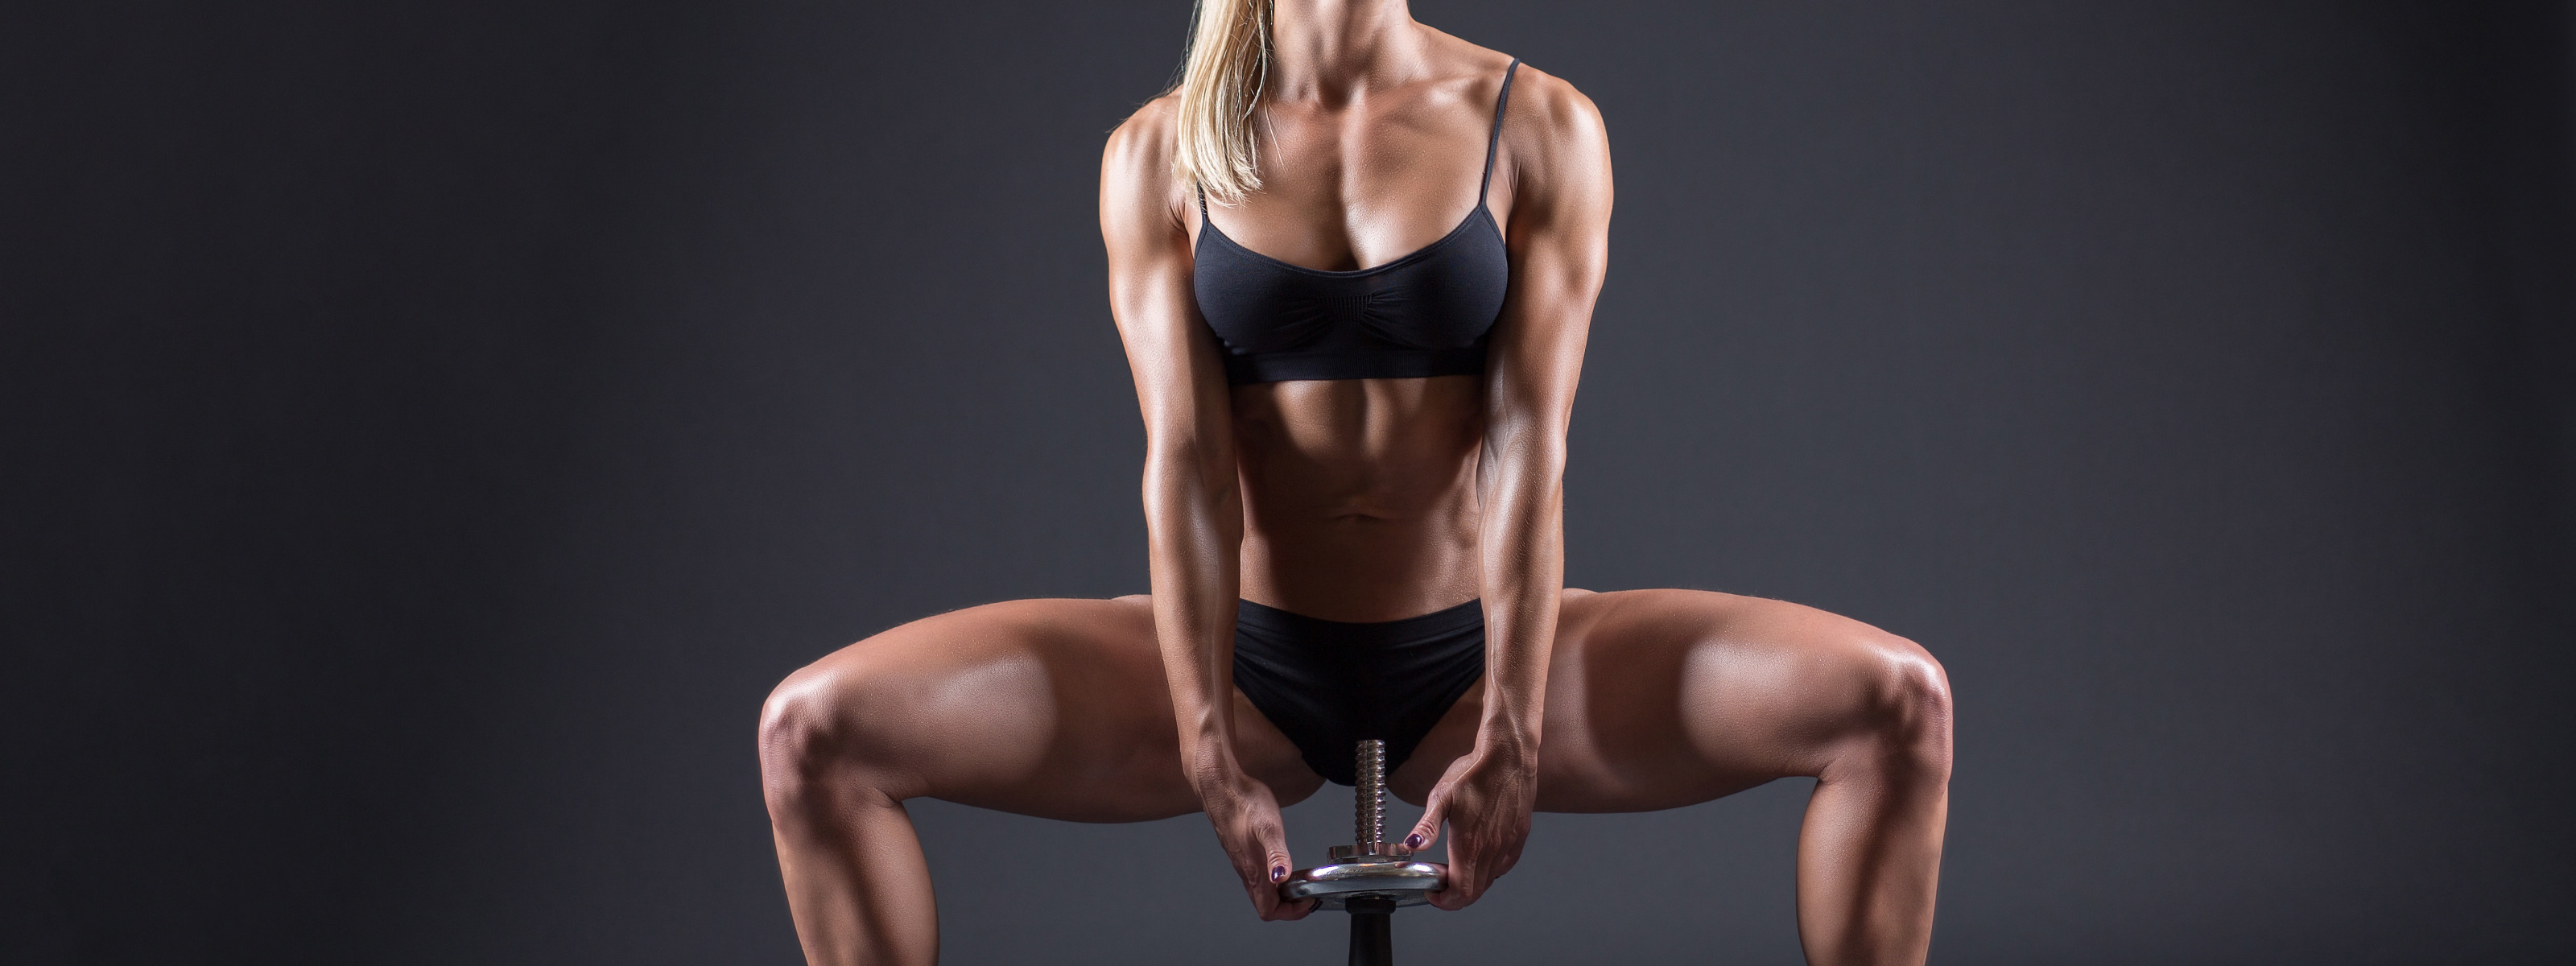 овощное мотивация для похудения обои на рабочий стол лайки